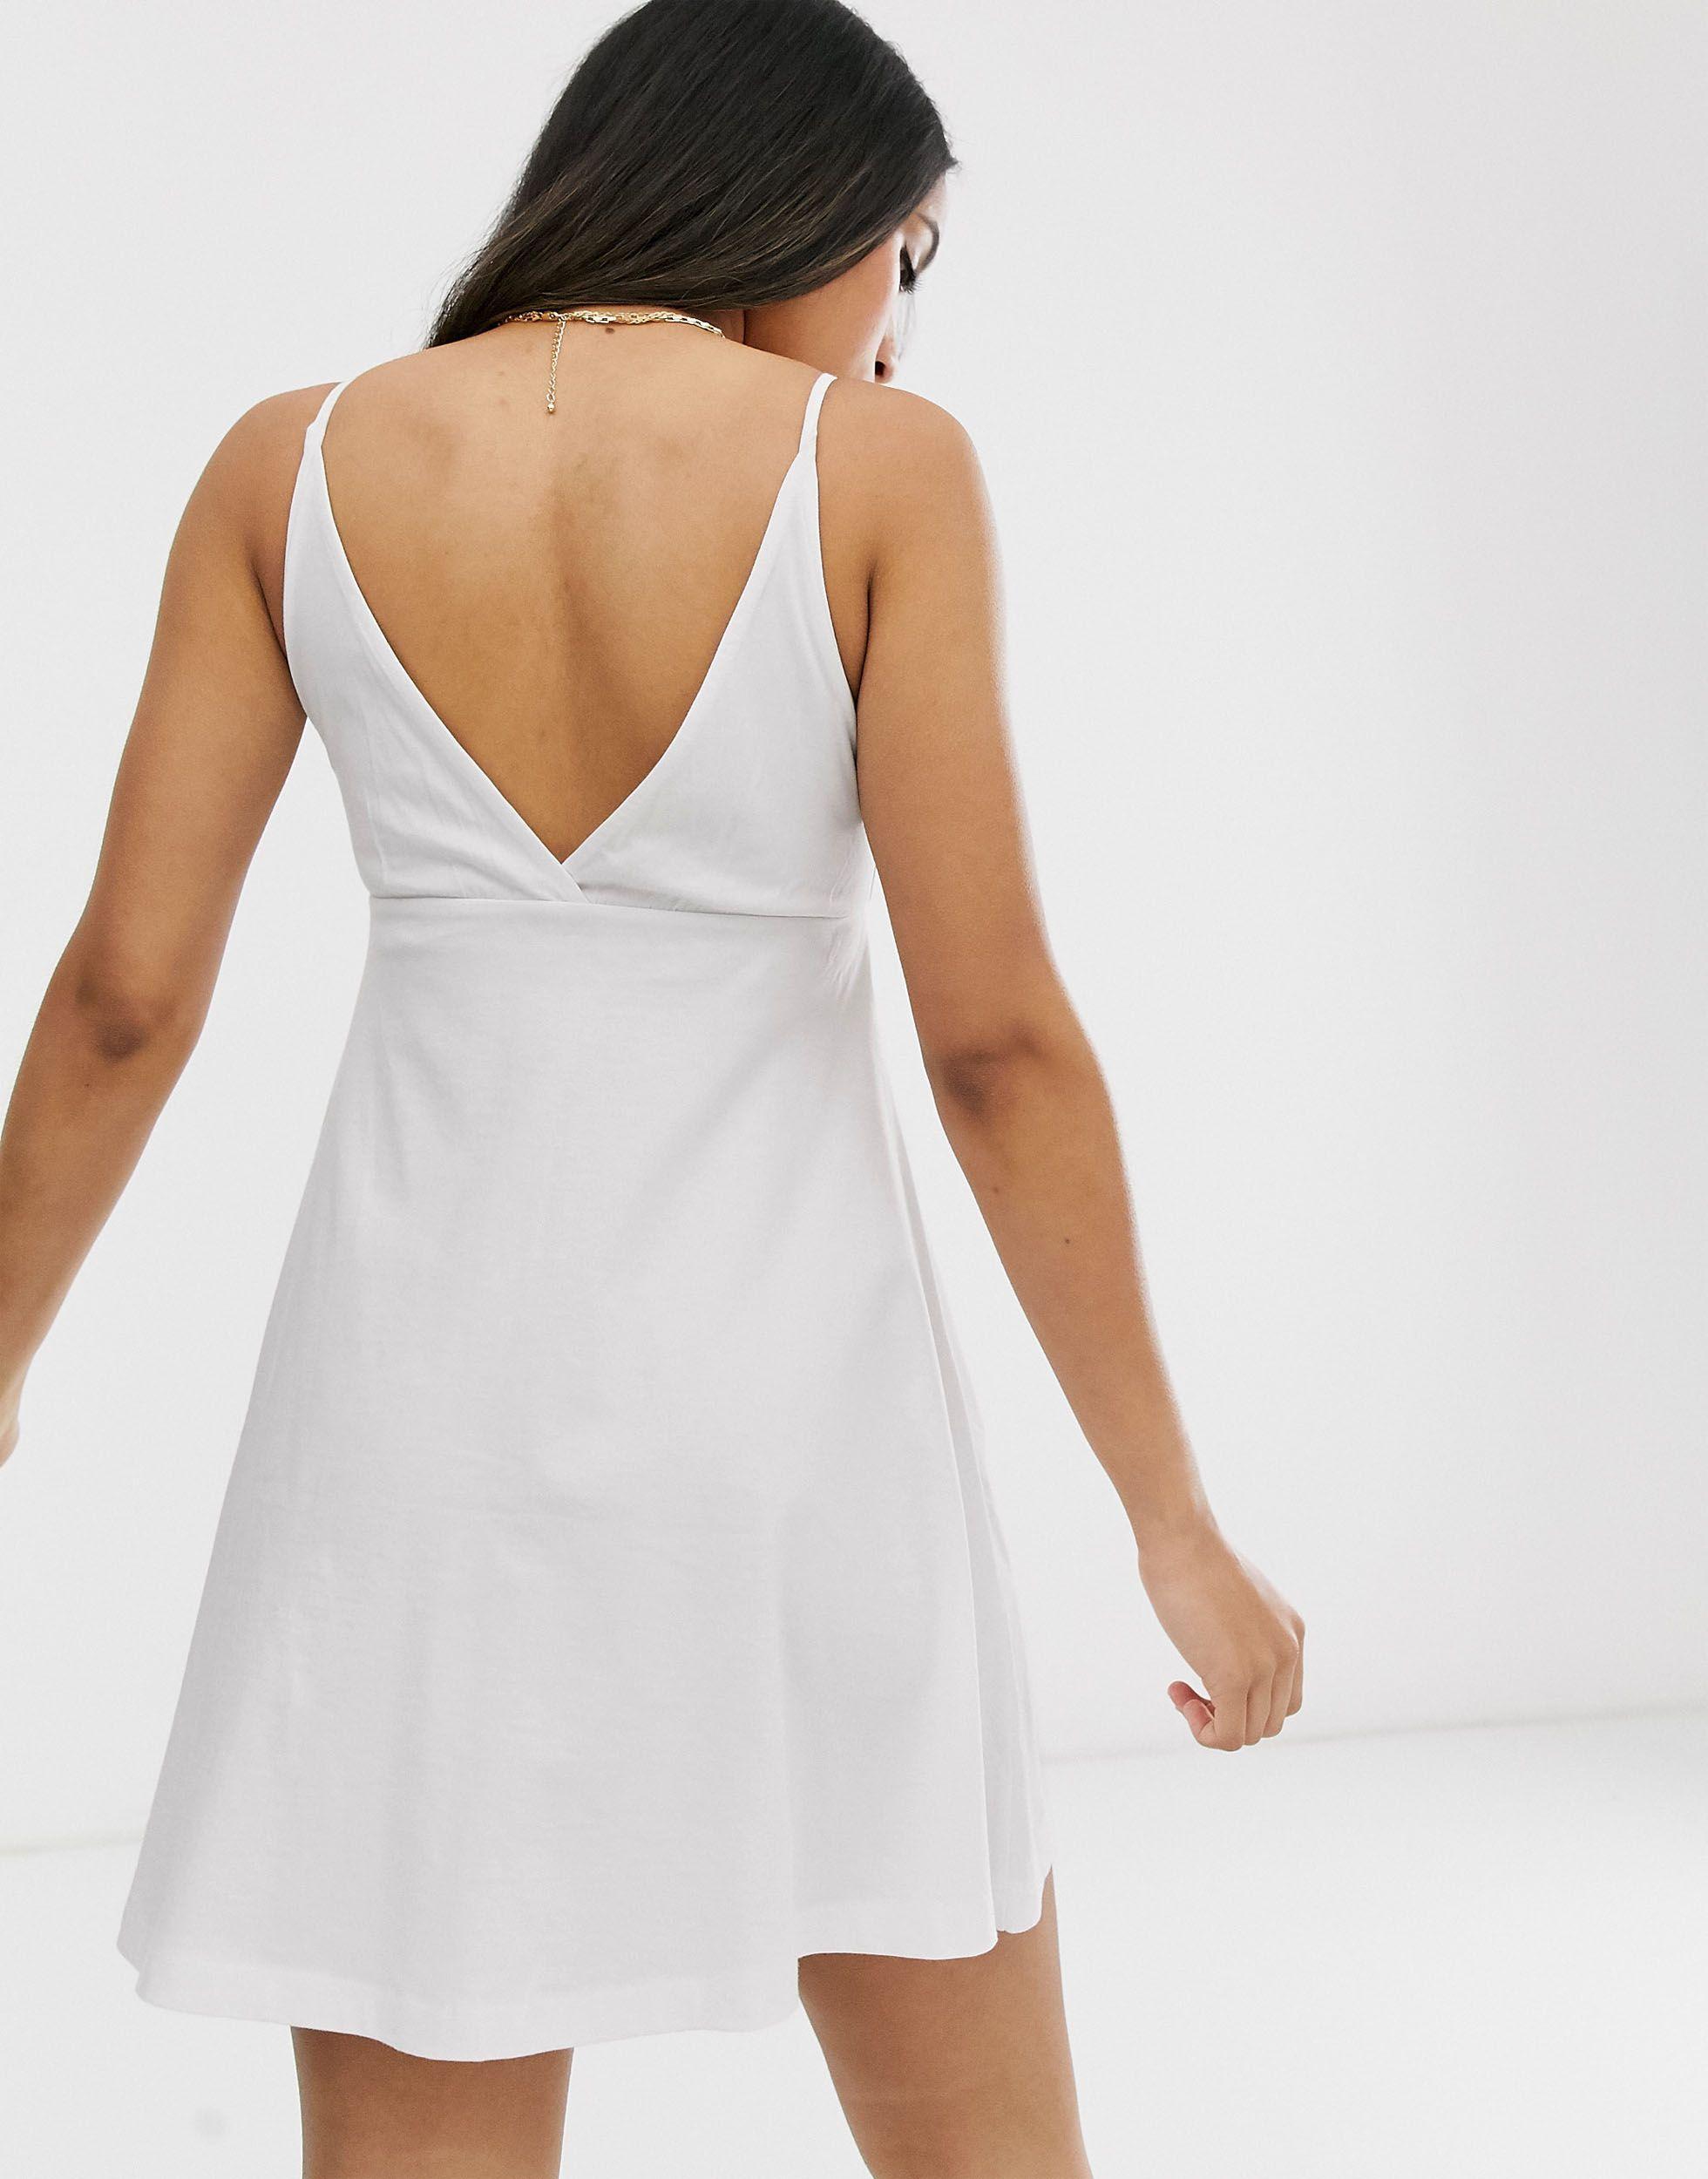 ASOS DESIGN Petite - Robe caraco babydoll courte avec boutons Coton ASOS en coloris Blanc